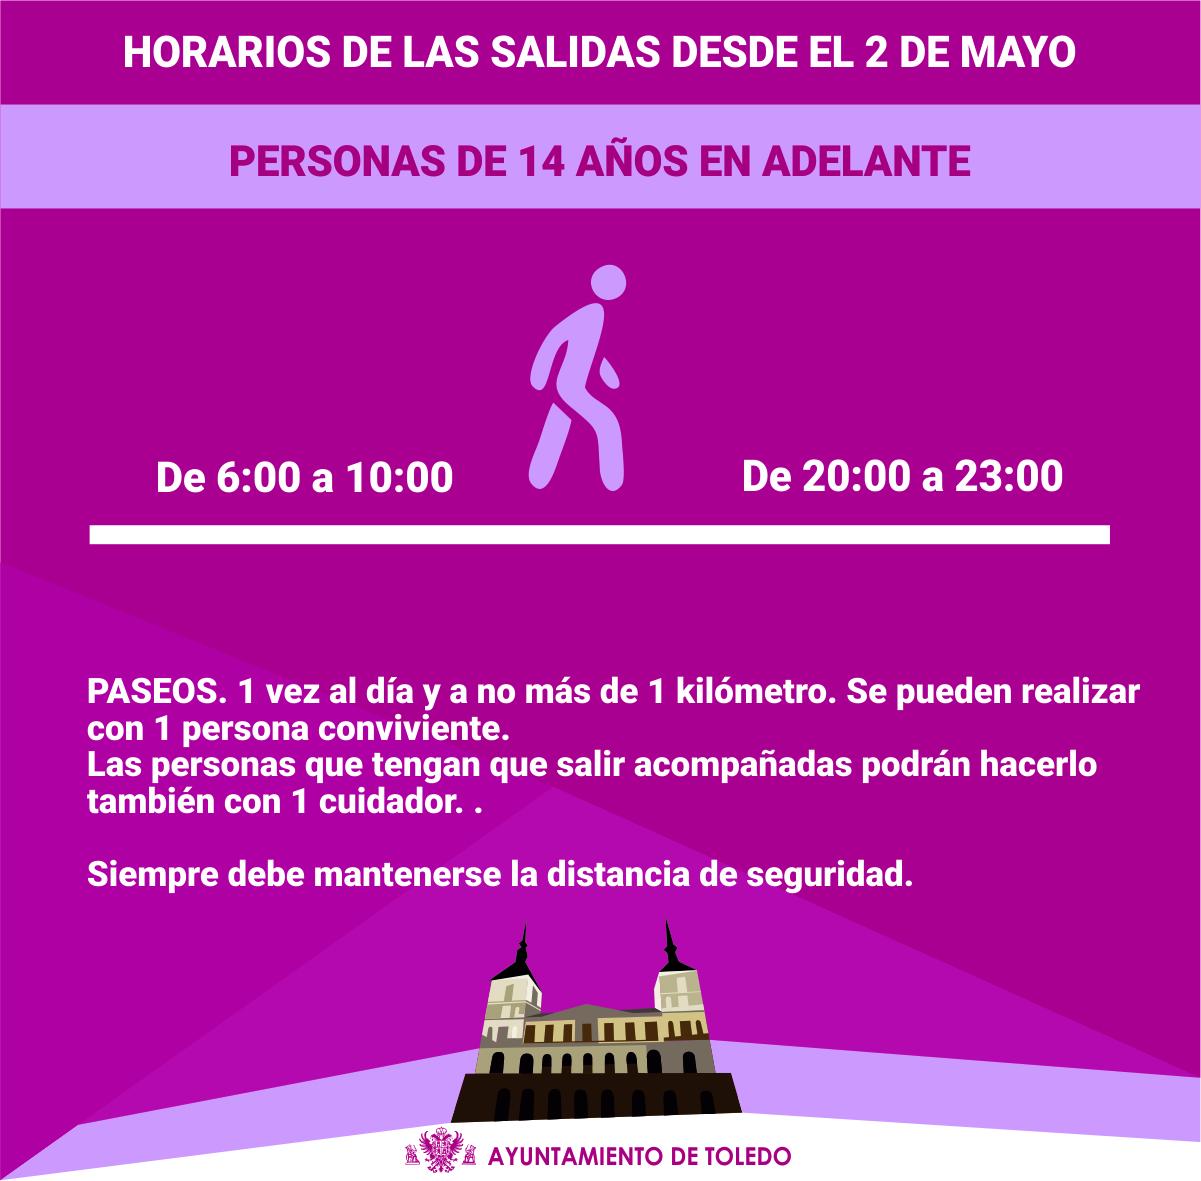 http://www.toledo.es/wp-content/uploads/2020/05/ma.jpg. Horarios y condiciones para paseos y práctica deportiva